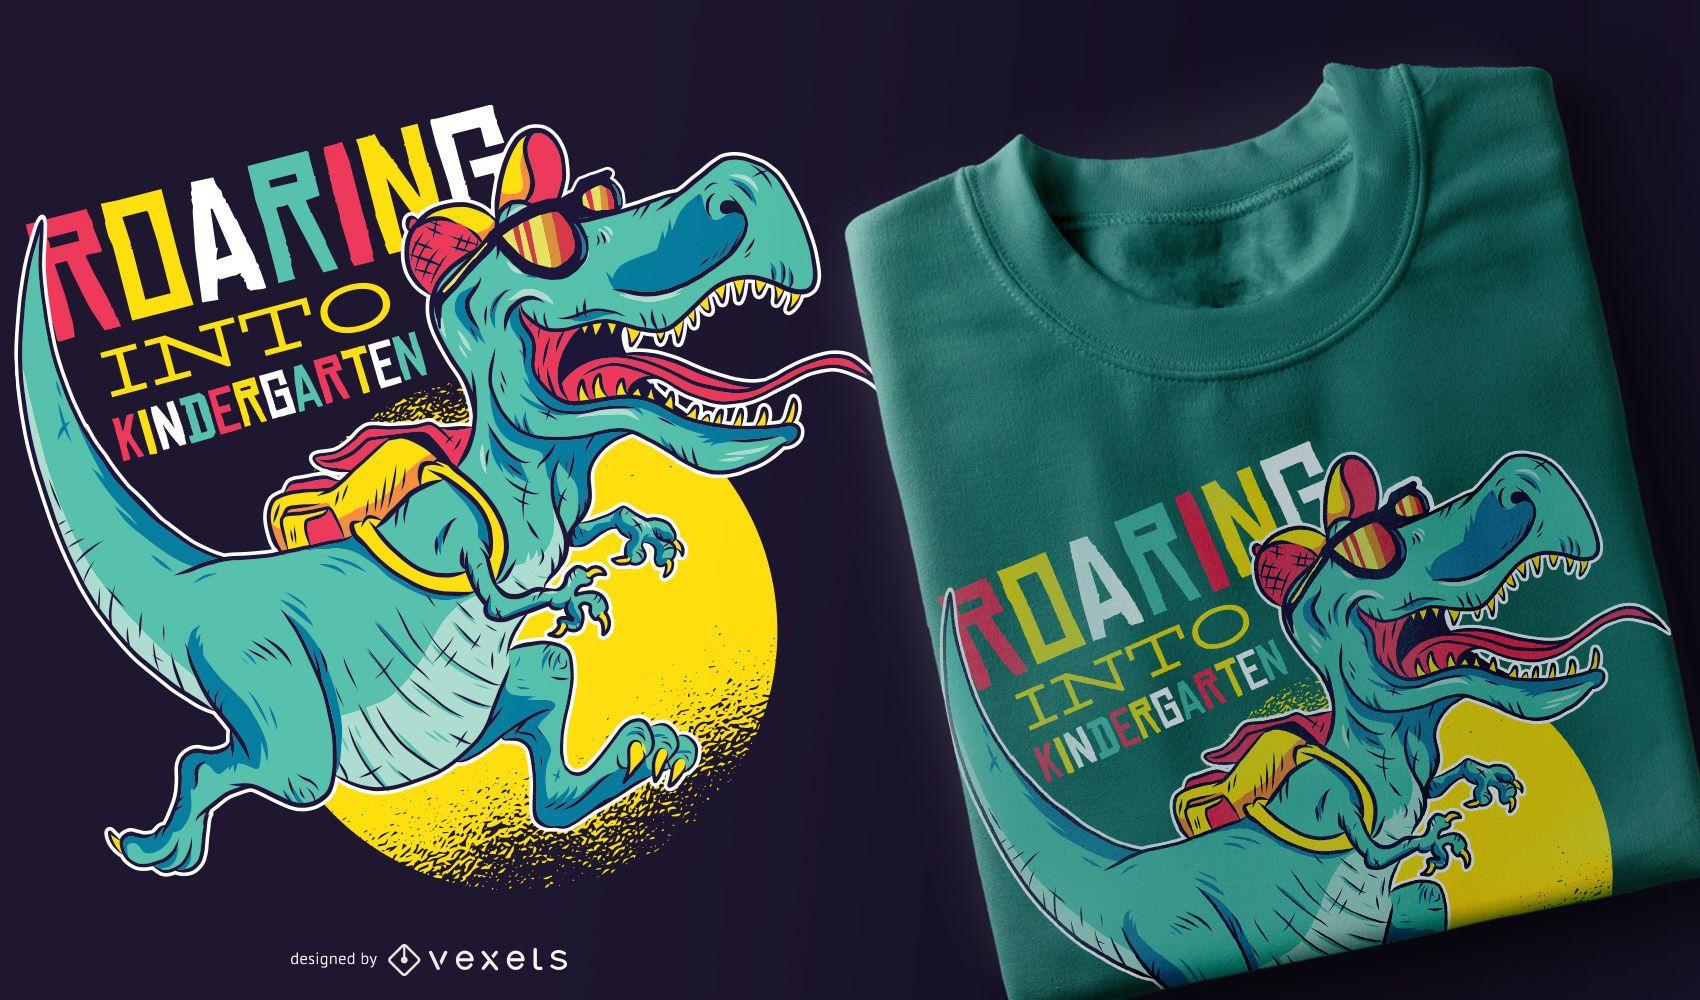 Roaring into kindergarten t-shirt design